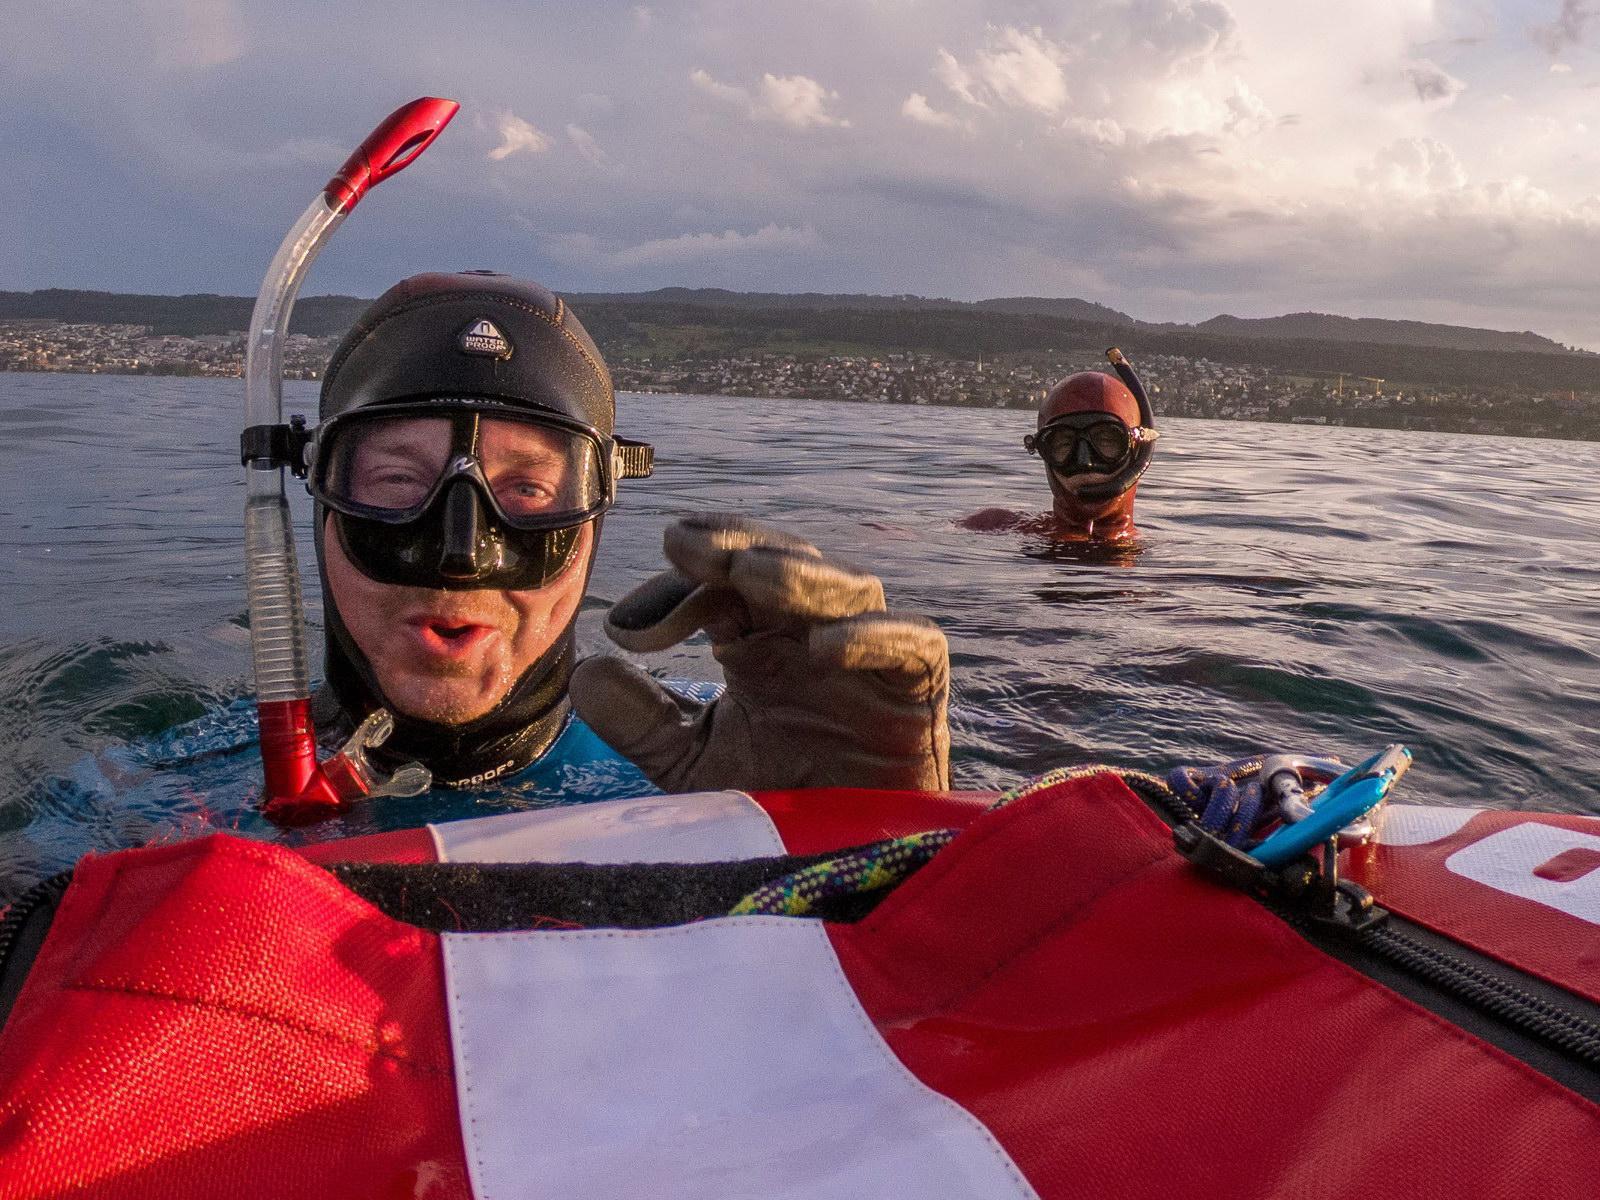 Tief einatmen vor dem Freediving